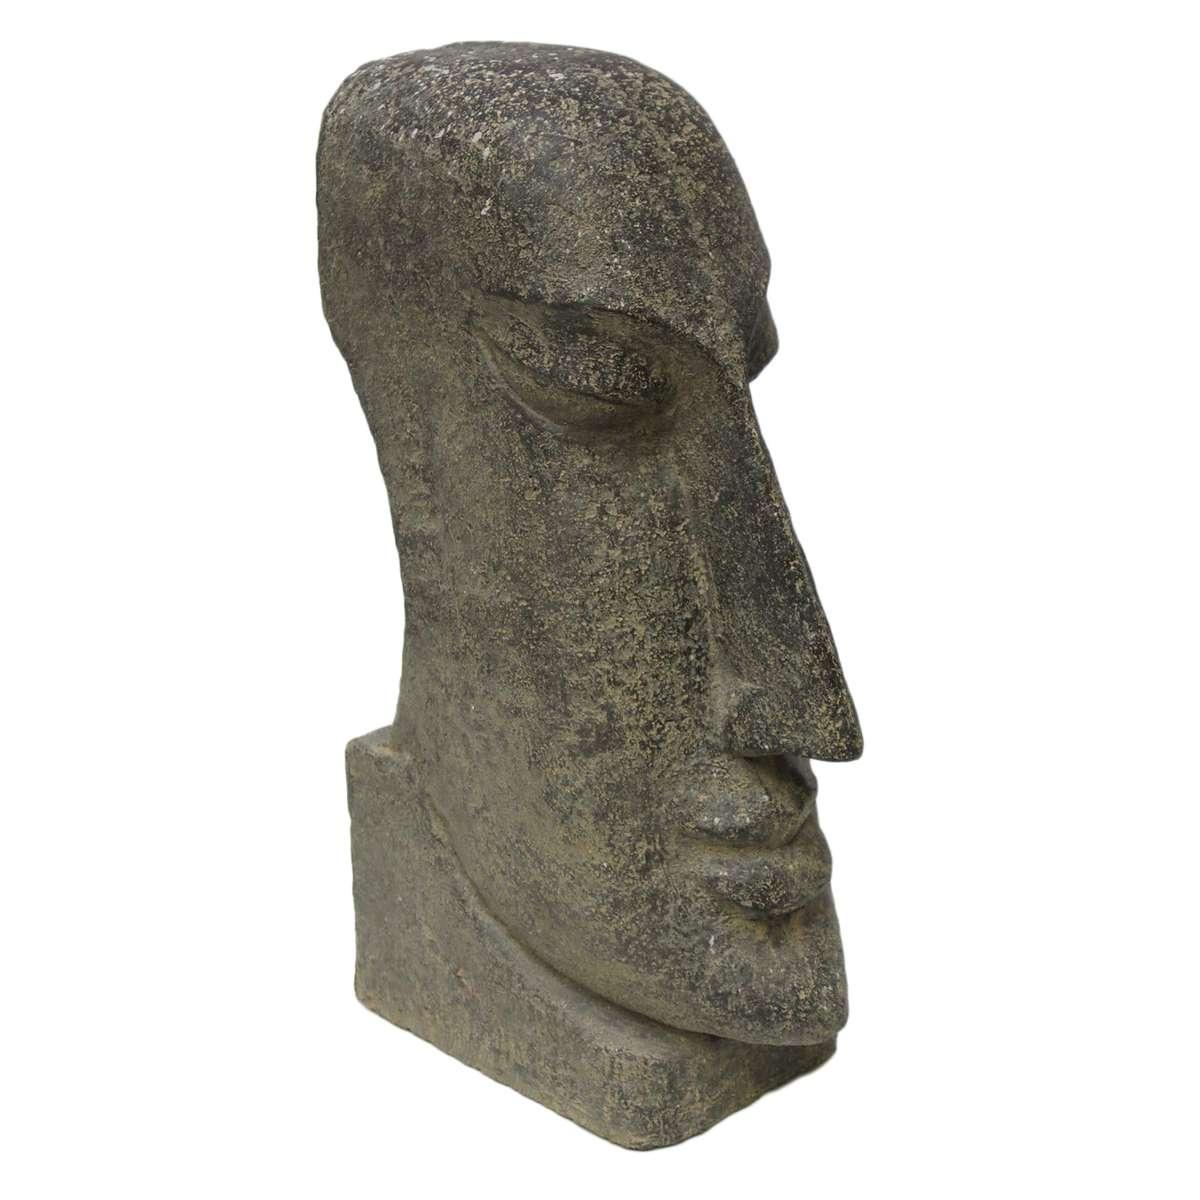 Full Size of Osterinsel Moai Figur Skulptur Stein Lavasand Bali Tiki Garten Liegestuhl Trennwand Bewässerungssysteme Gartenüberdachung Relaxsessel Whirlpool Spaten Wohnzimmer Skulptur Garten